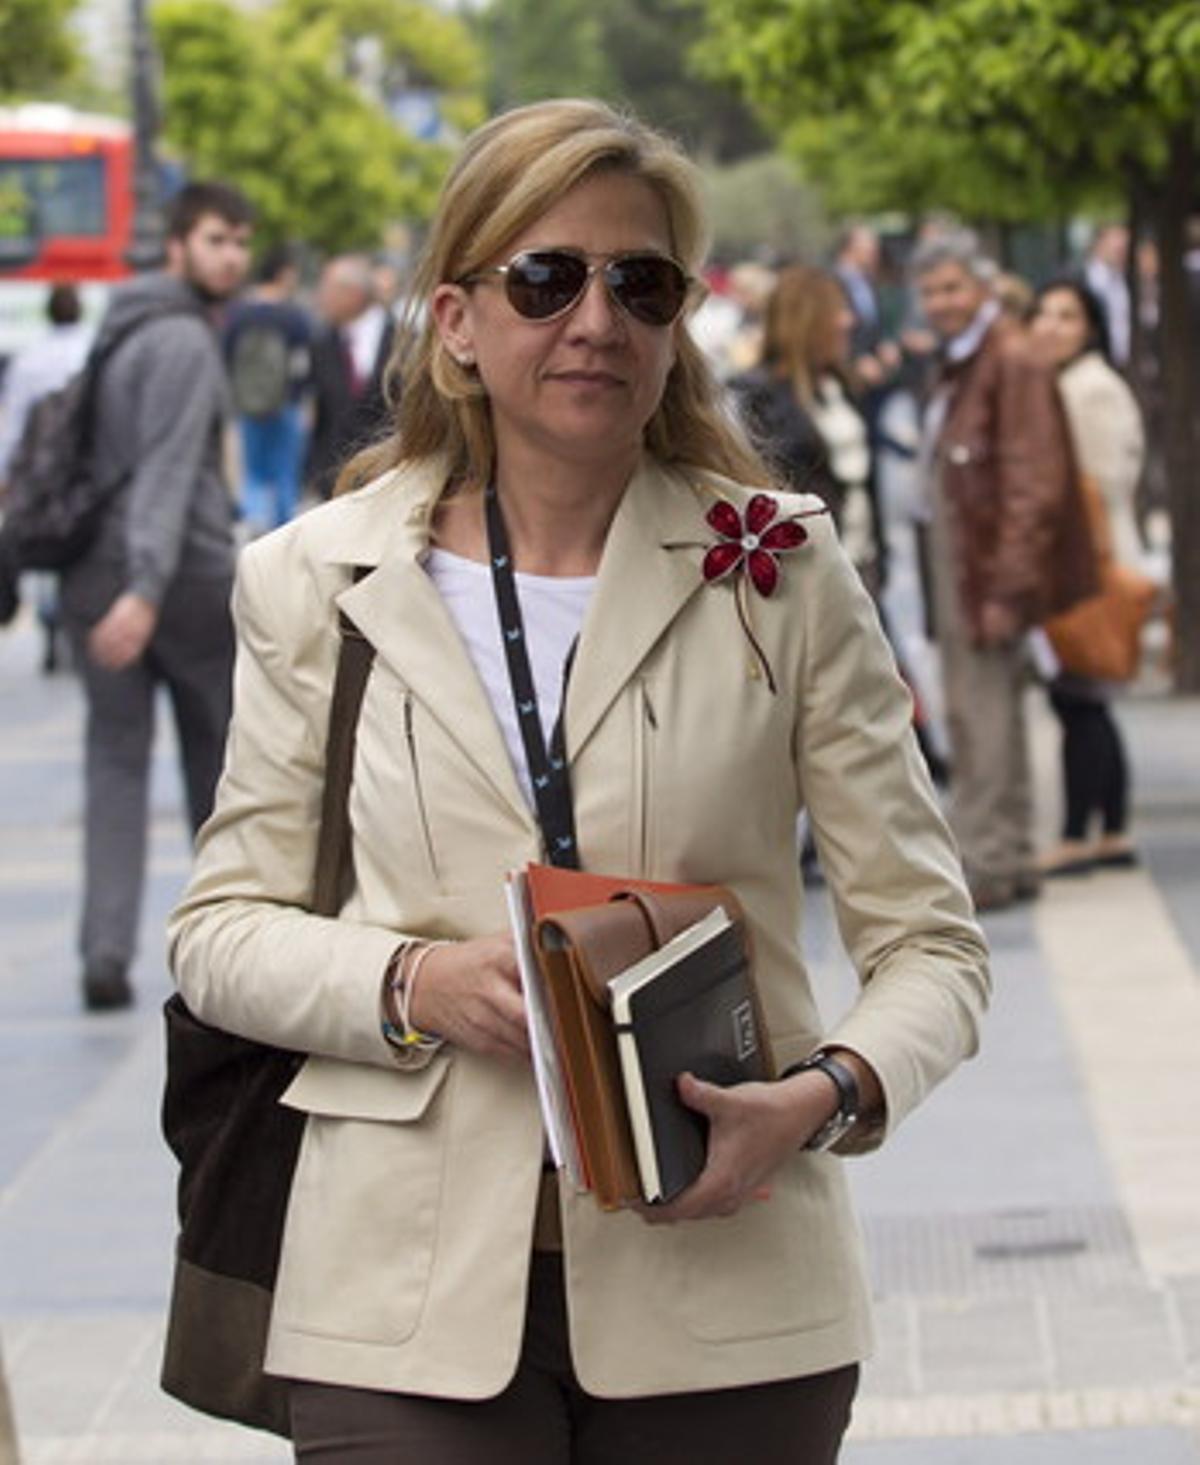 La infanta Cristina al salir de su trabajo en la central de La Caixa, el pasado mayo.